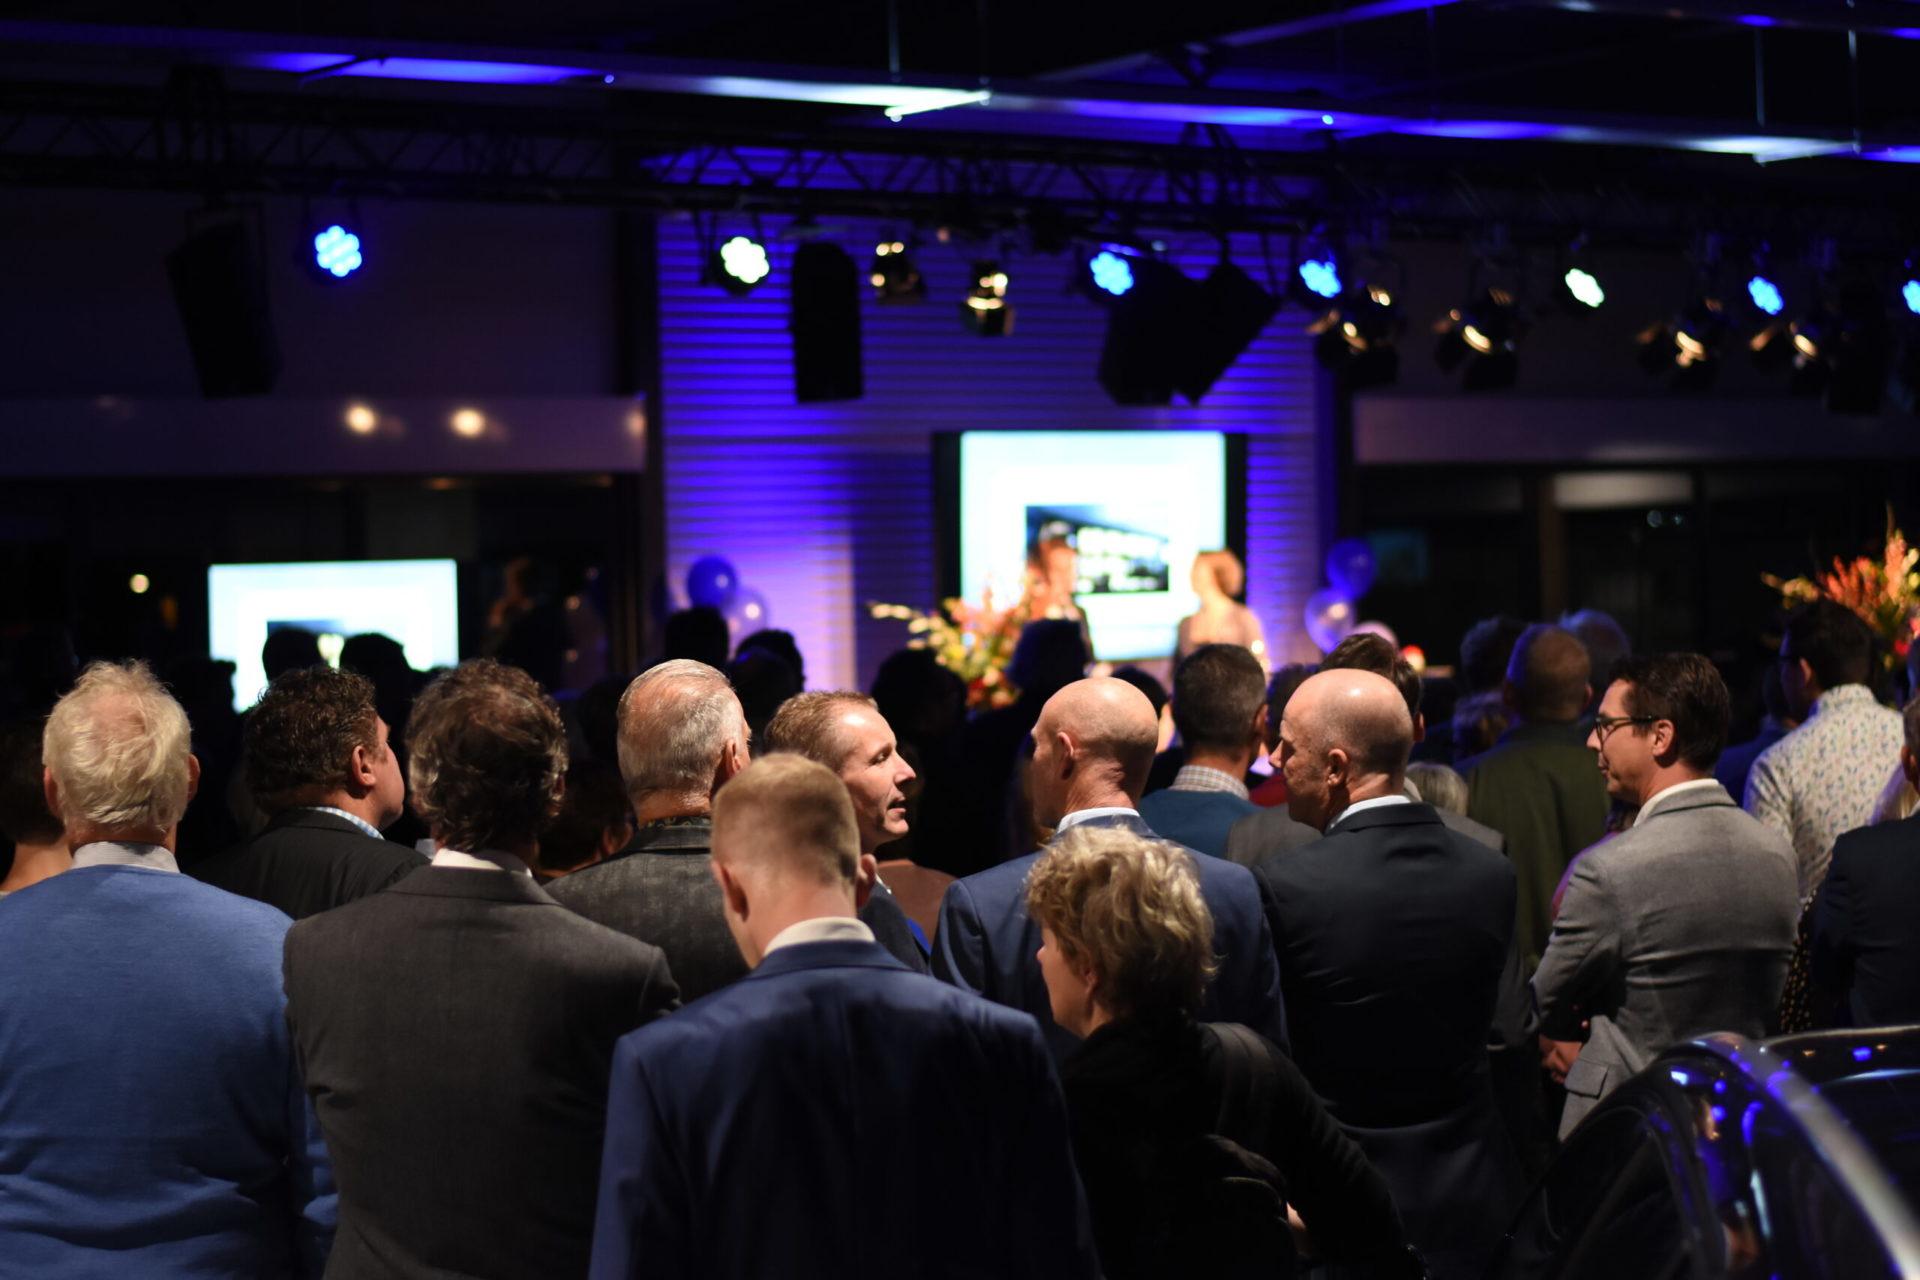 Kasteel woerden regio utrecht amsterdam rotterdam grote capiciteit meeting congressen zakelijke bijeenkomst 100 200 500 600 personen vergaderingen